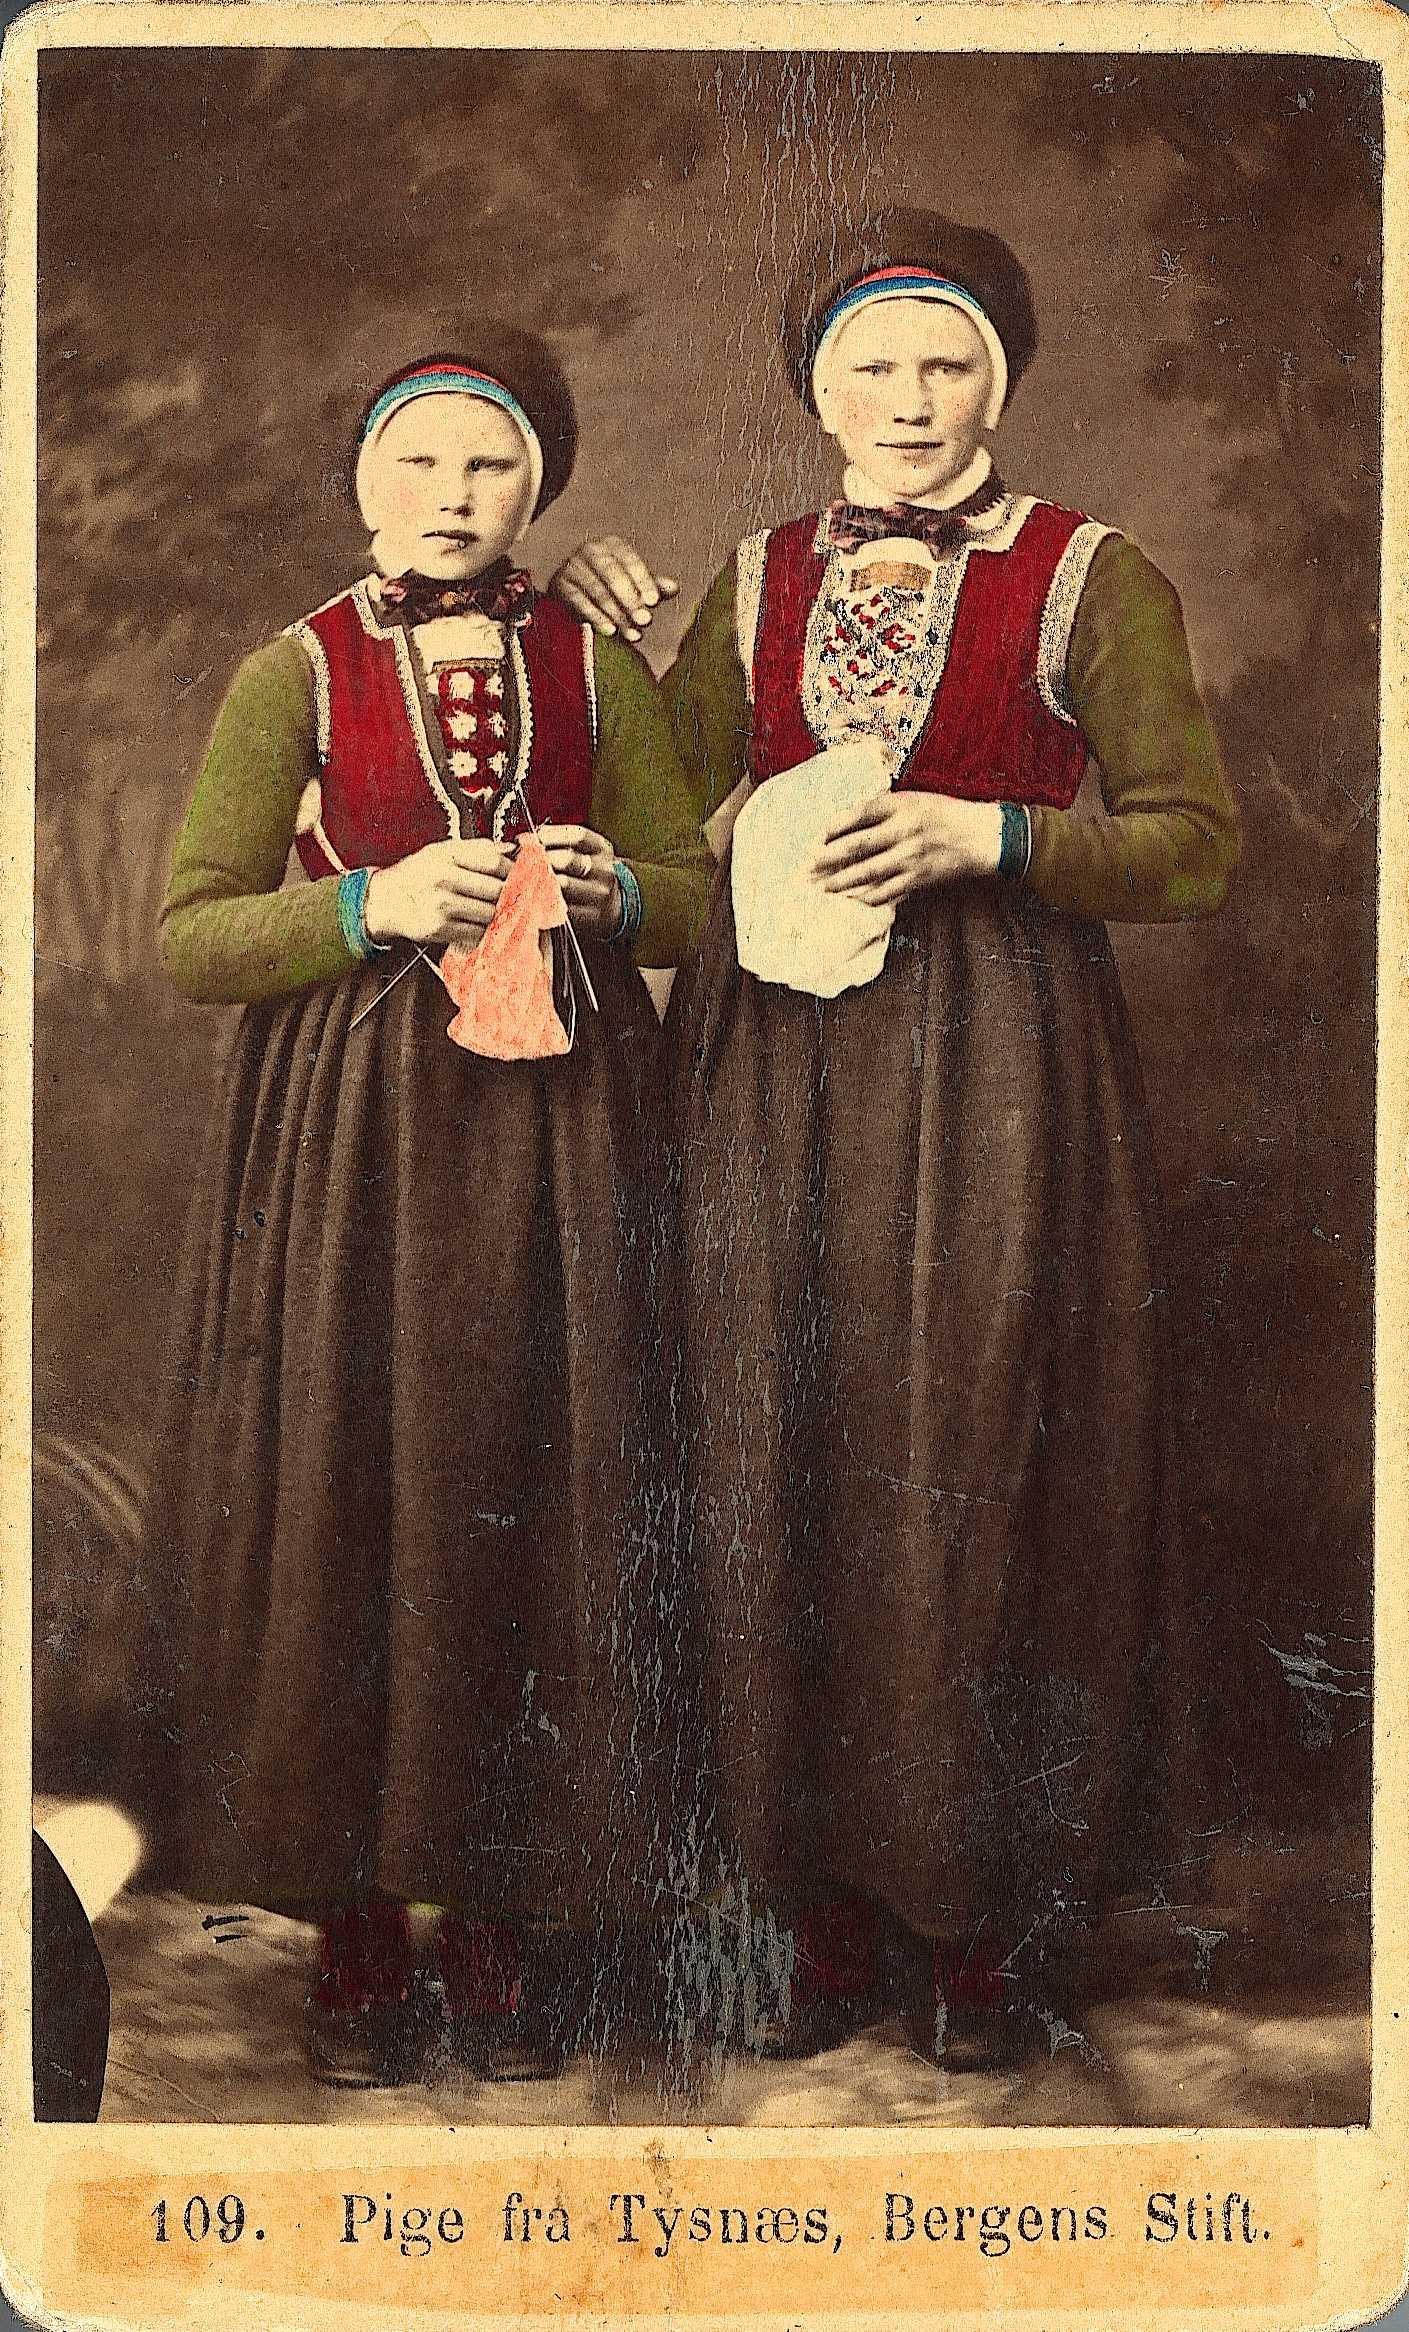 Jenter i bunad som strikker, strikking 1800-tallet, strikking i gamle dager